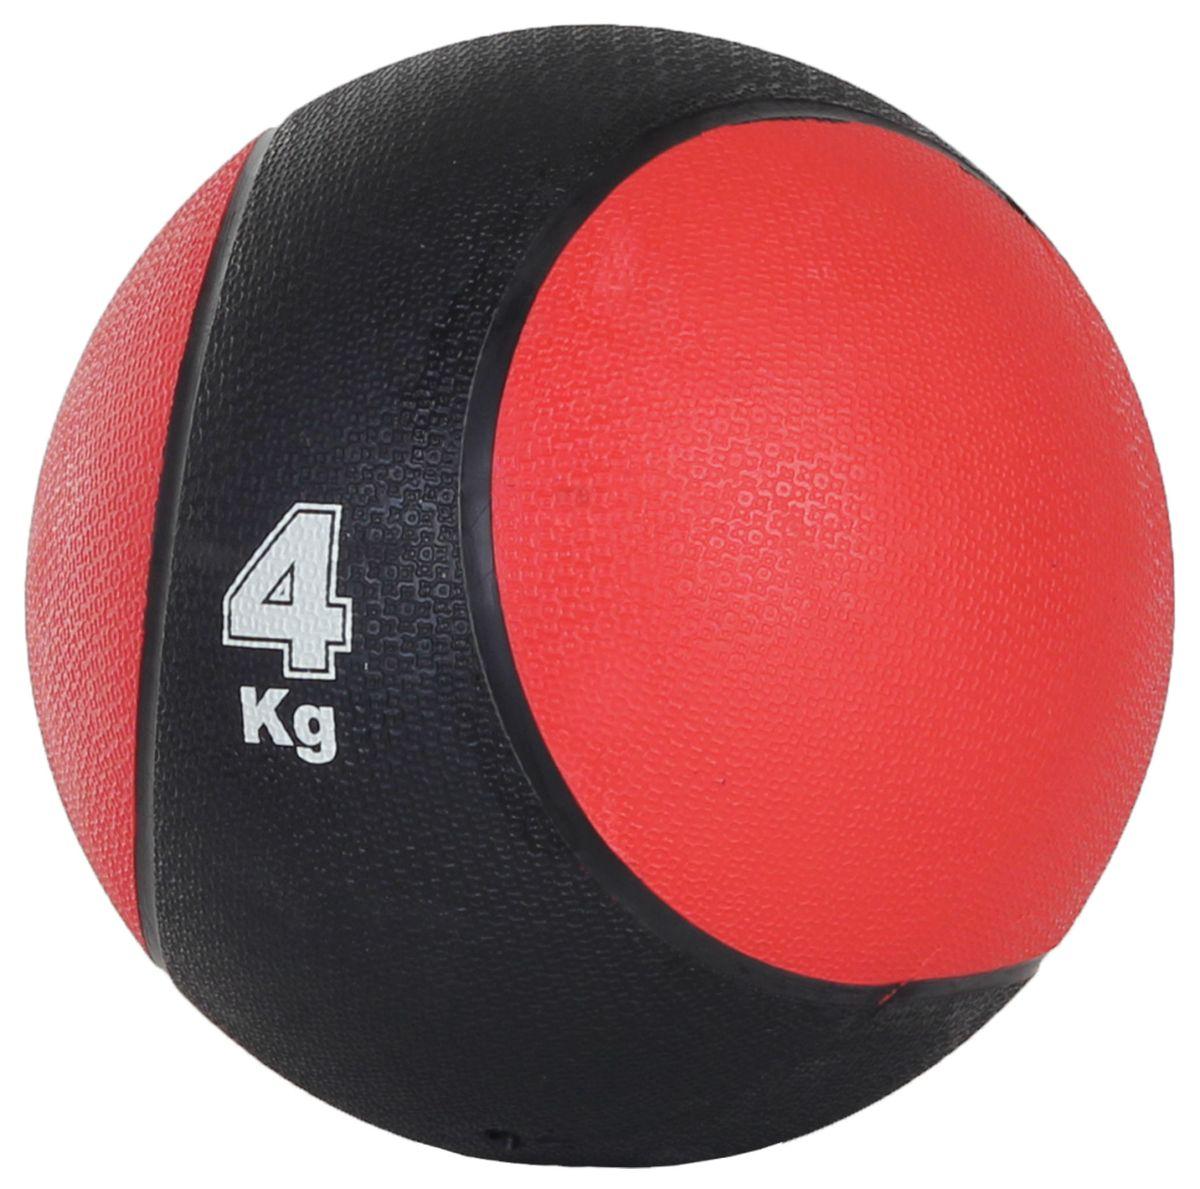 Медицинбол Start Up MBR4, цвет: черный, красный, 4 кг, 22 смPW-221Медицинбол Start Up MBR4 - тренировочный мяч, который прекрасно подходит для занятий фитнесом, аэробикой или ЛФК (лечебной физкультурой). Шероховатая поверхность не дает ему выскользнуть из рук. Предназначен для укрепления мышц плечевого пояса, спины, рук и ног. Мяч выполнен из резины, наполнен также резиной.